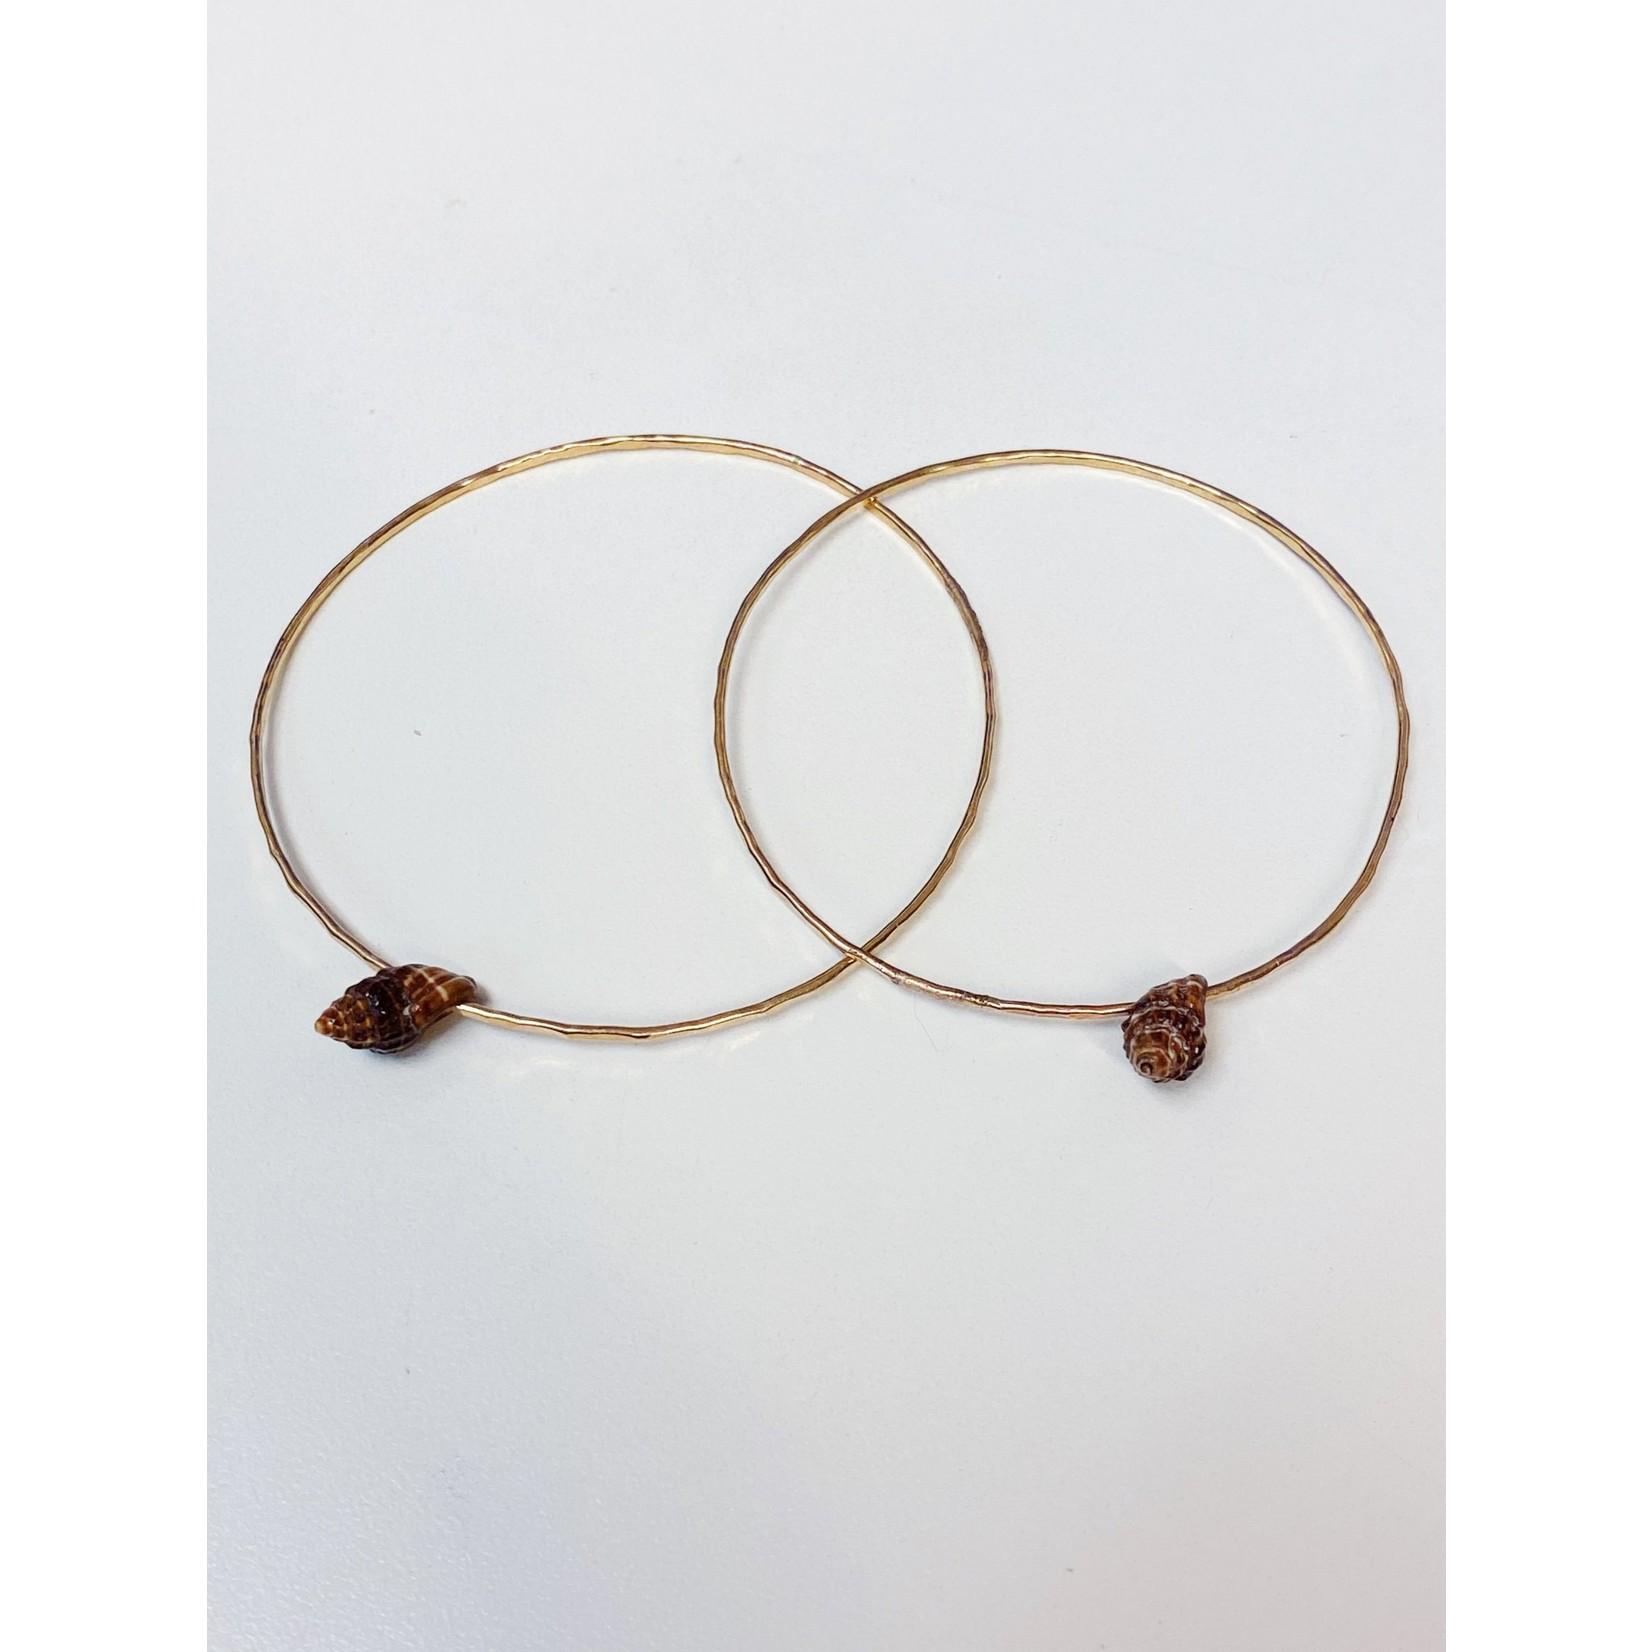 Midori Jewelry Shell Bangle